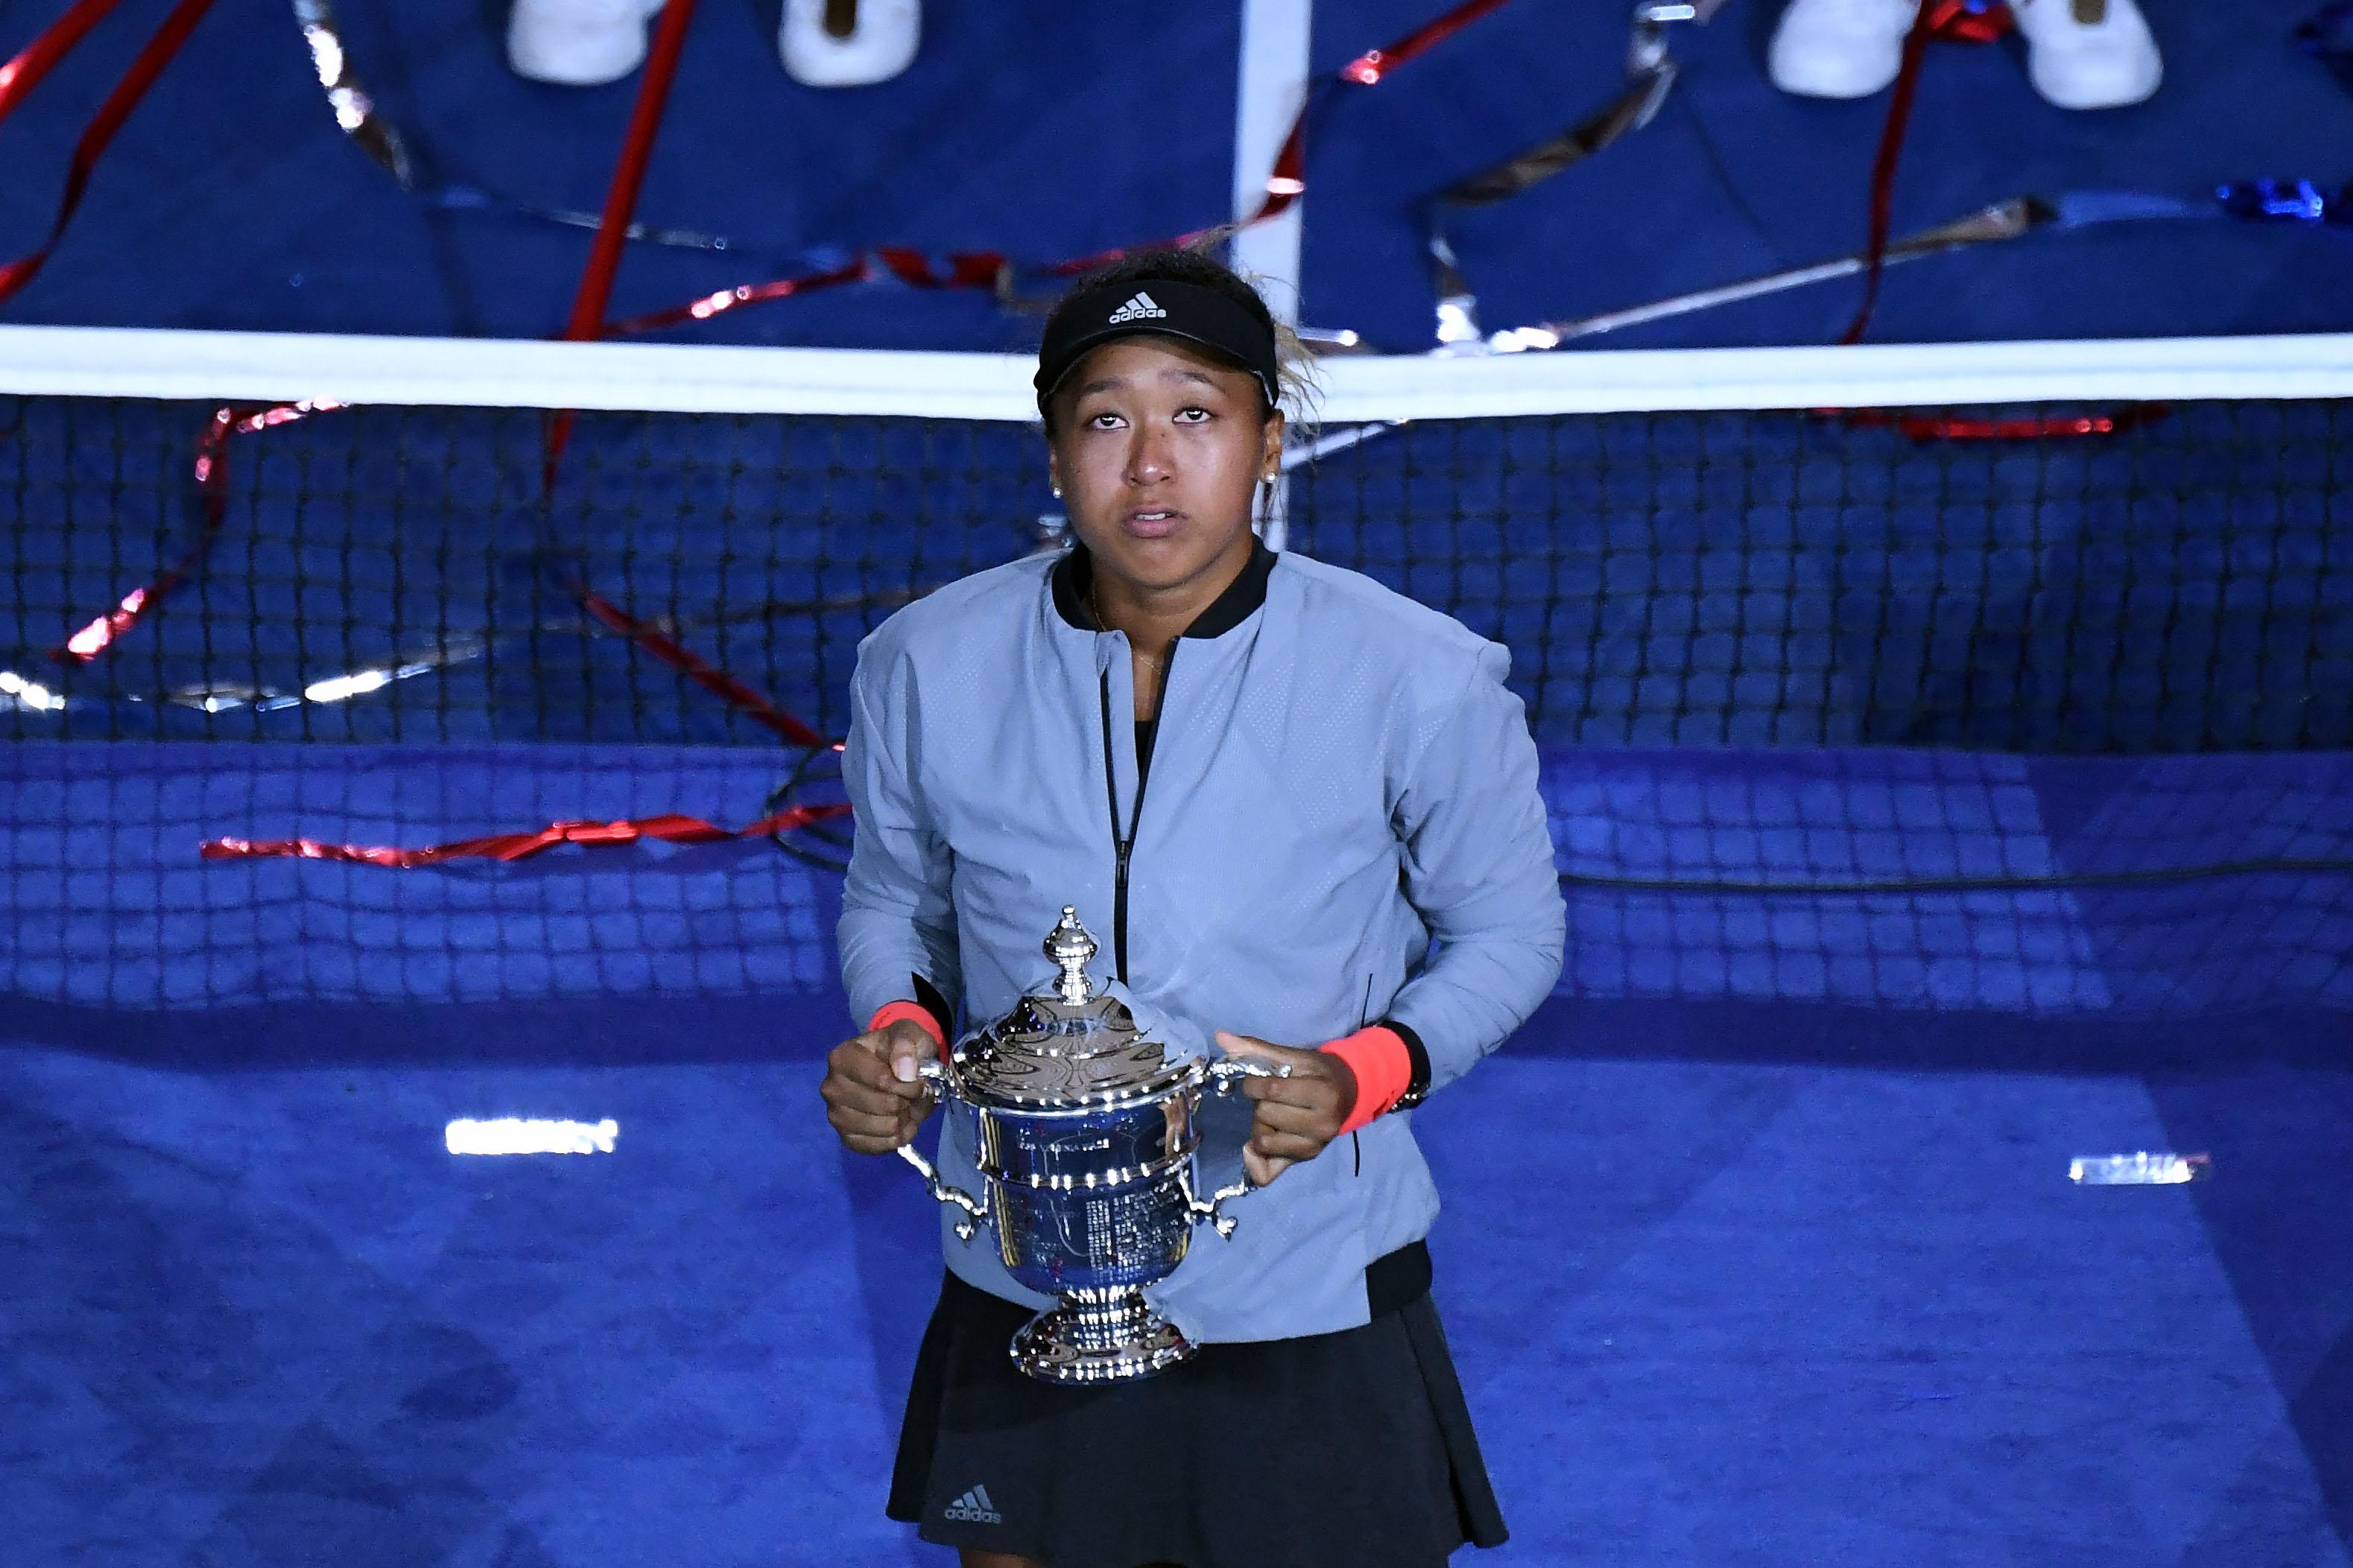 Американка Серена Уильямс проиграла вфиналеUS Open сопернице изЯпонии